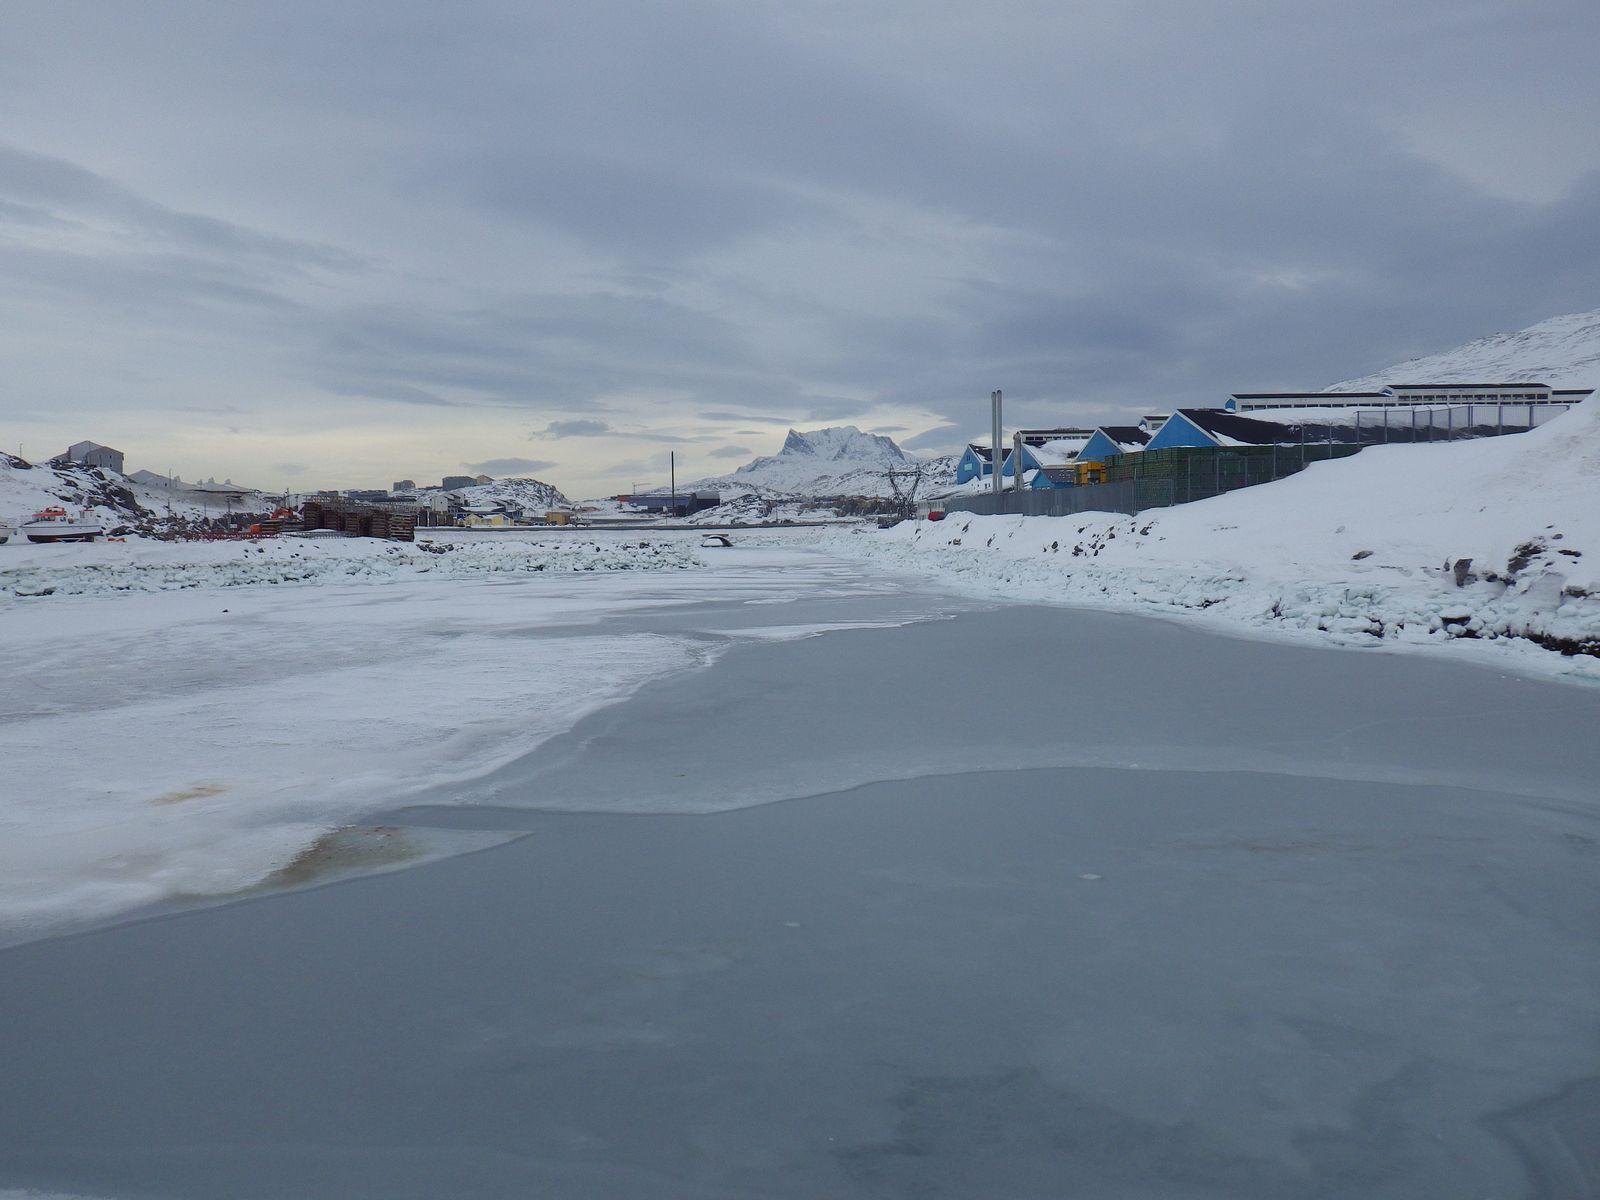 2014-02-27-1447_-_Gode_1_Sermitsiaq